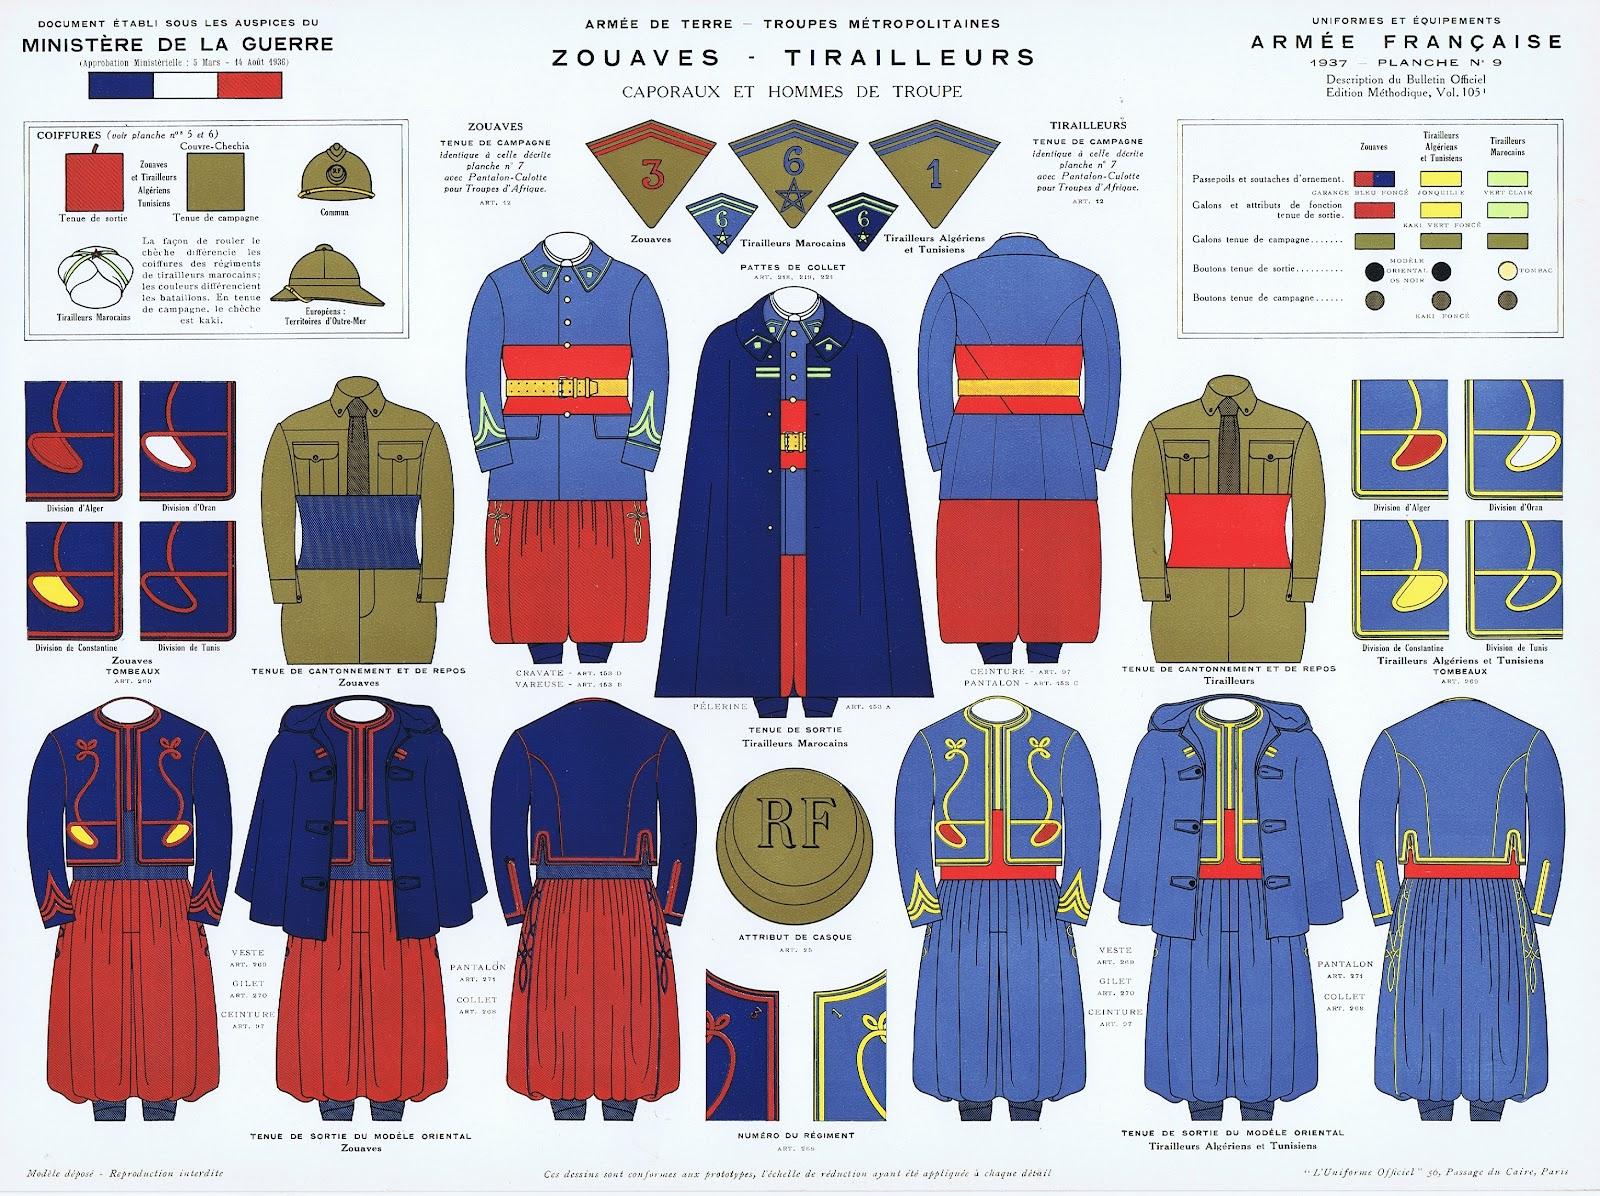 Uniforme de l'armée française